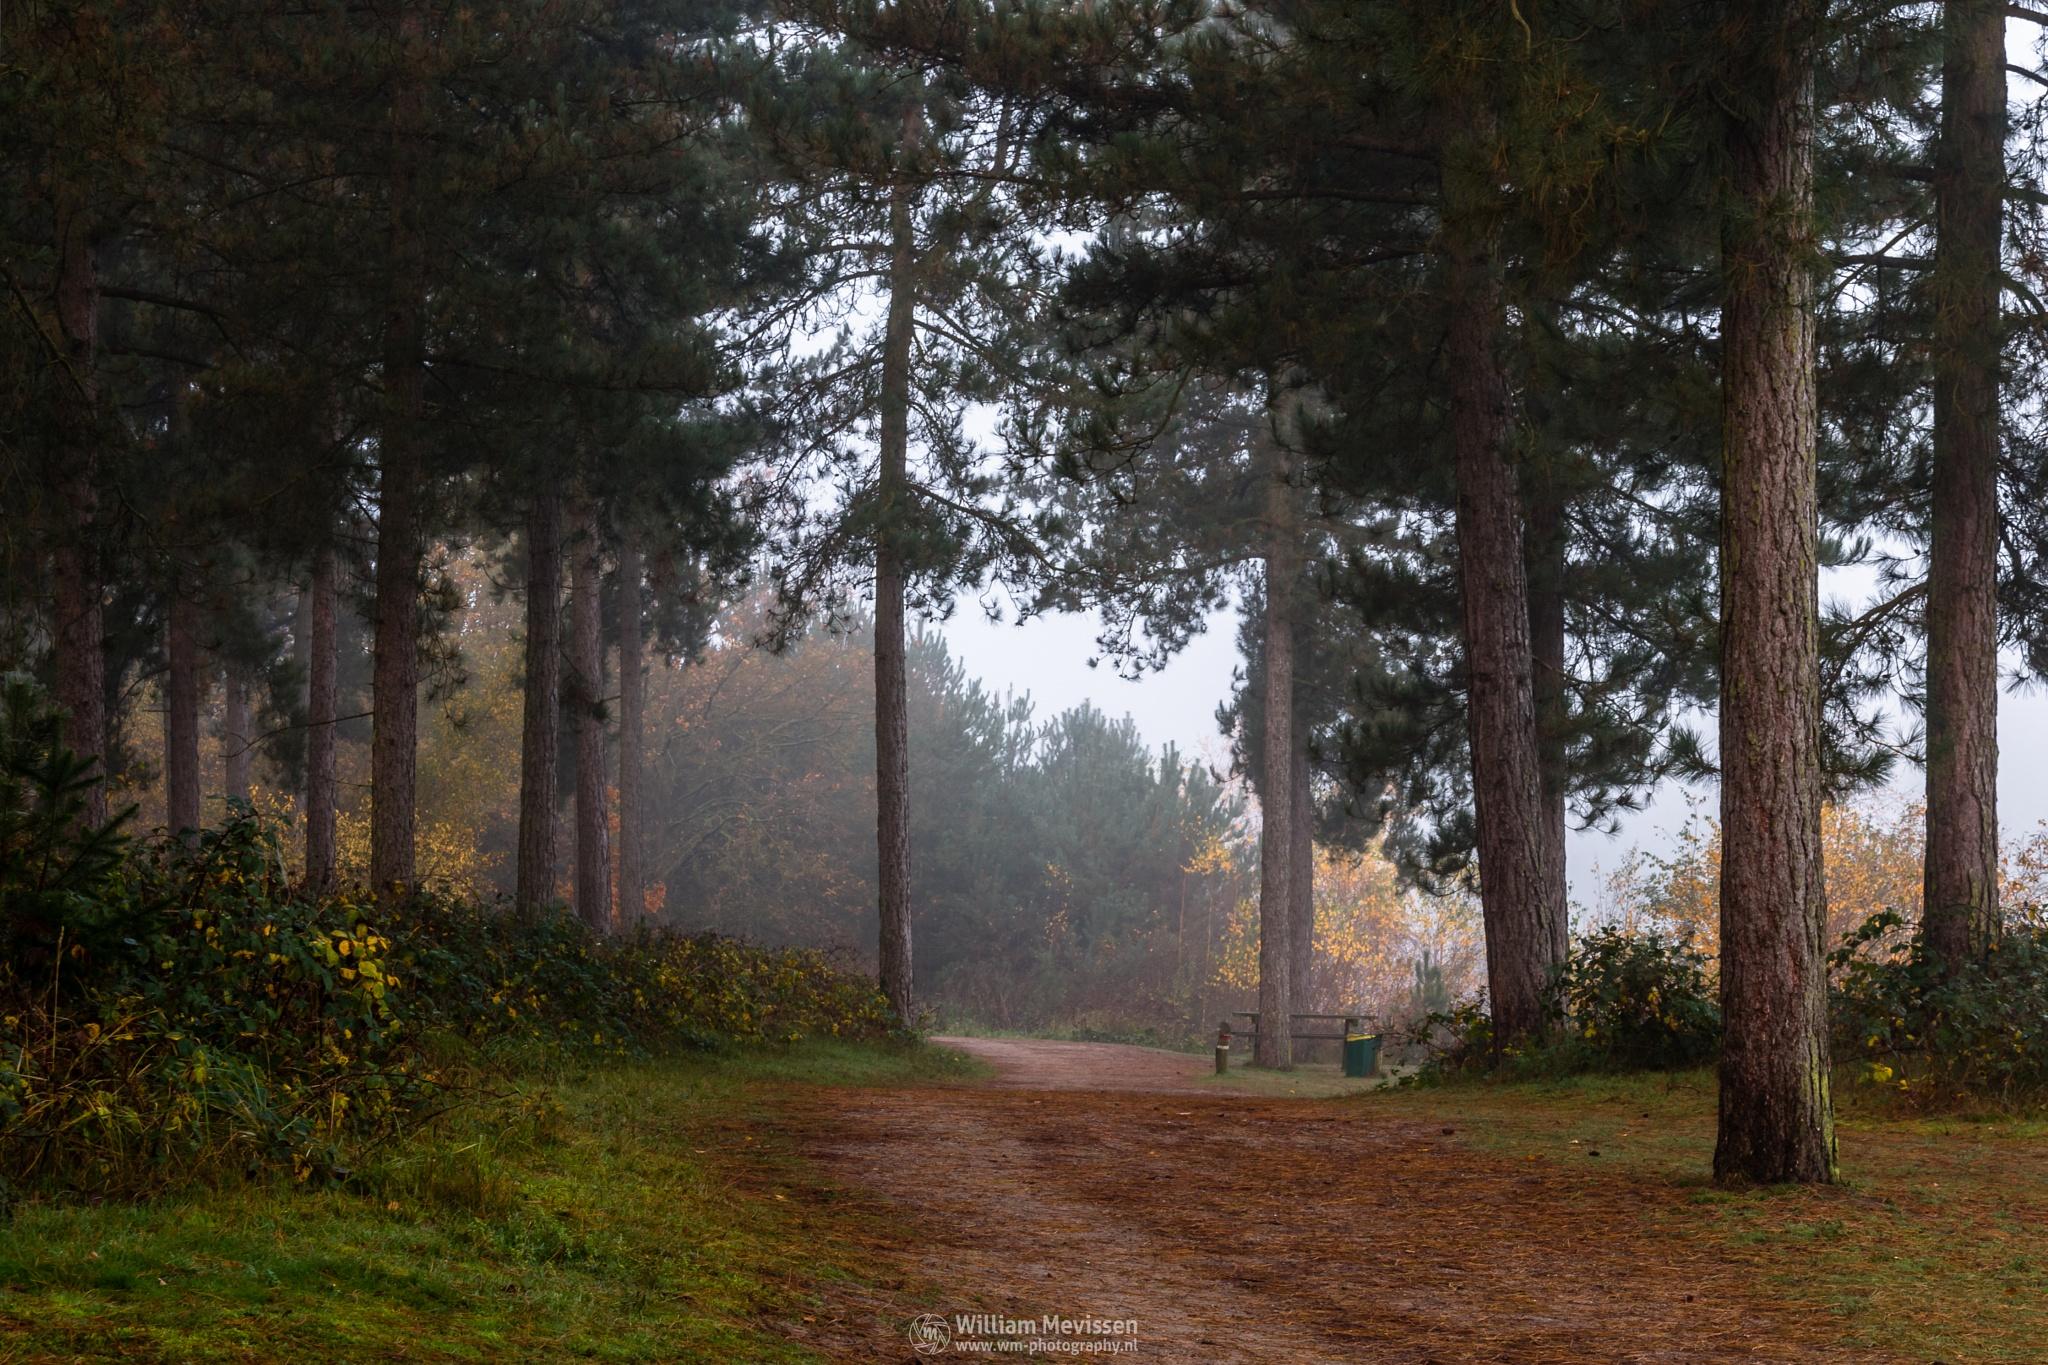 Misty Forest Path by William Mevissen